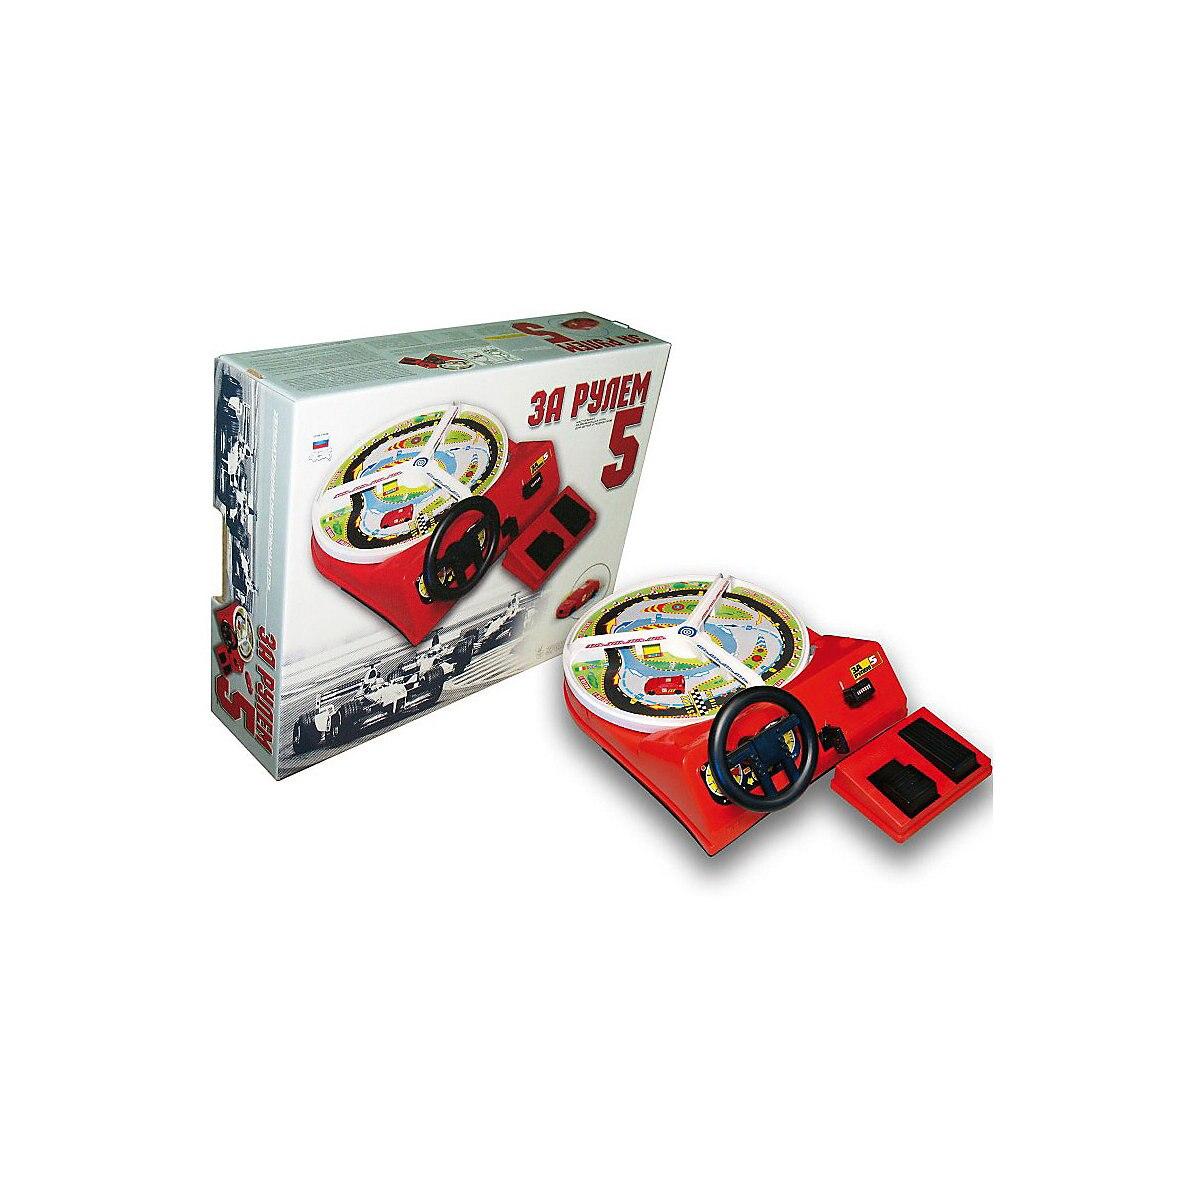 Jogo de Quarto omskiy zavod roomfor elektrotovarov 7377658 brinquedos jogo de tabuleiro jogos educativos para crianças meninos meninas